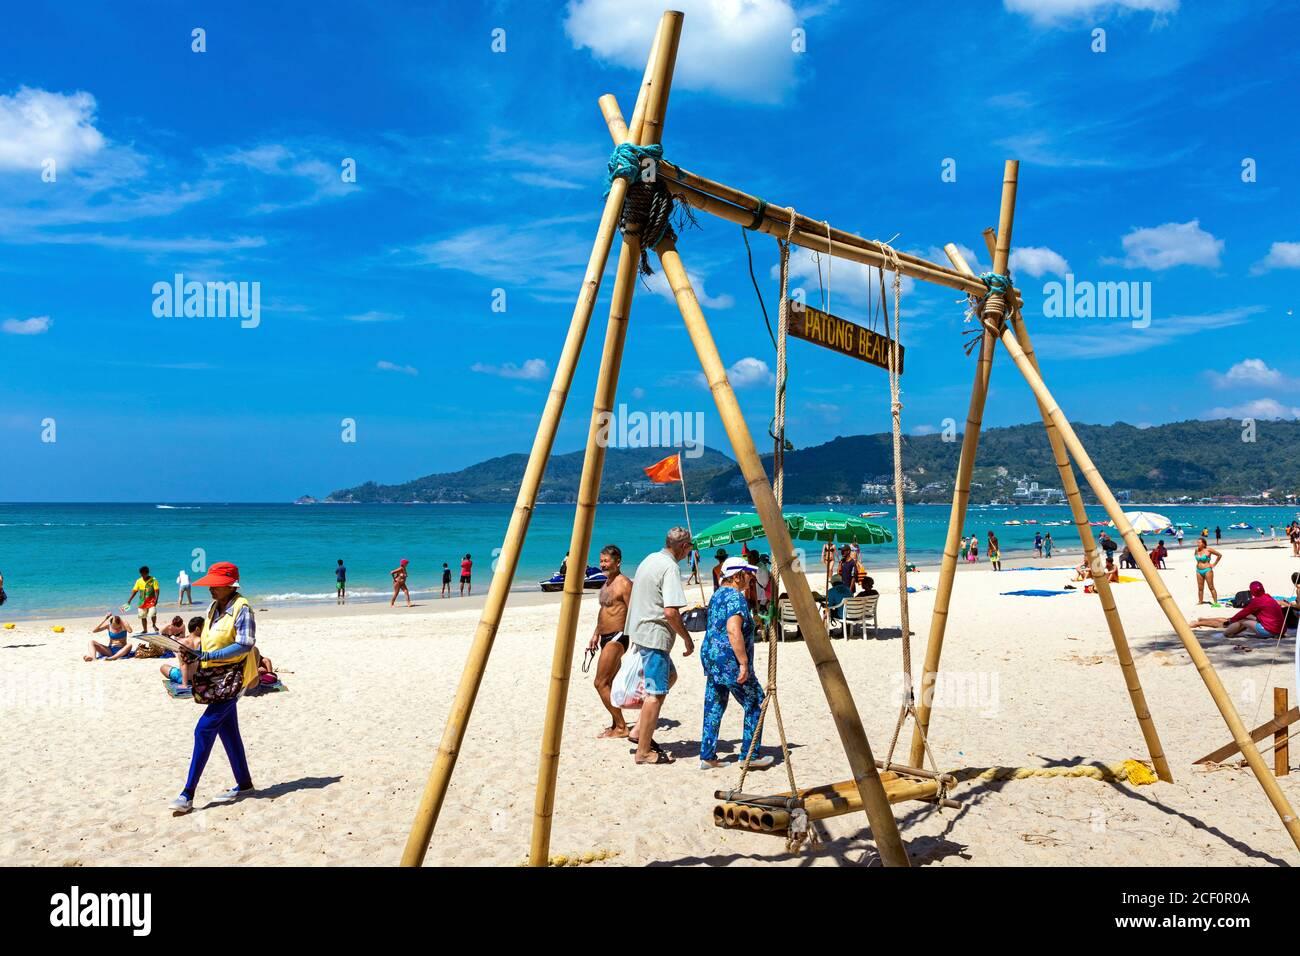 Balançoire en bois et touristes sur la plage de Patong, Phuket, Thaïlande Banque D'Images